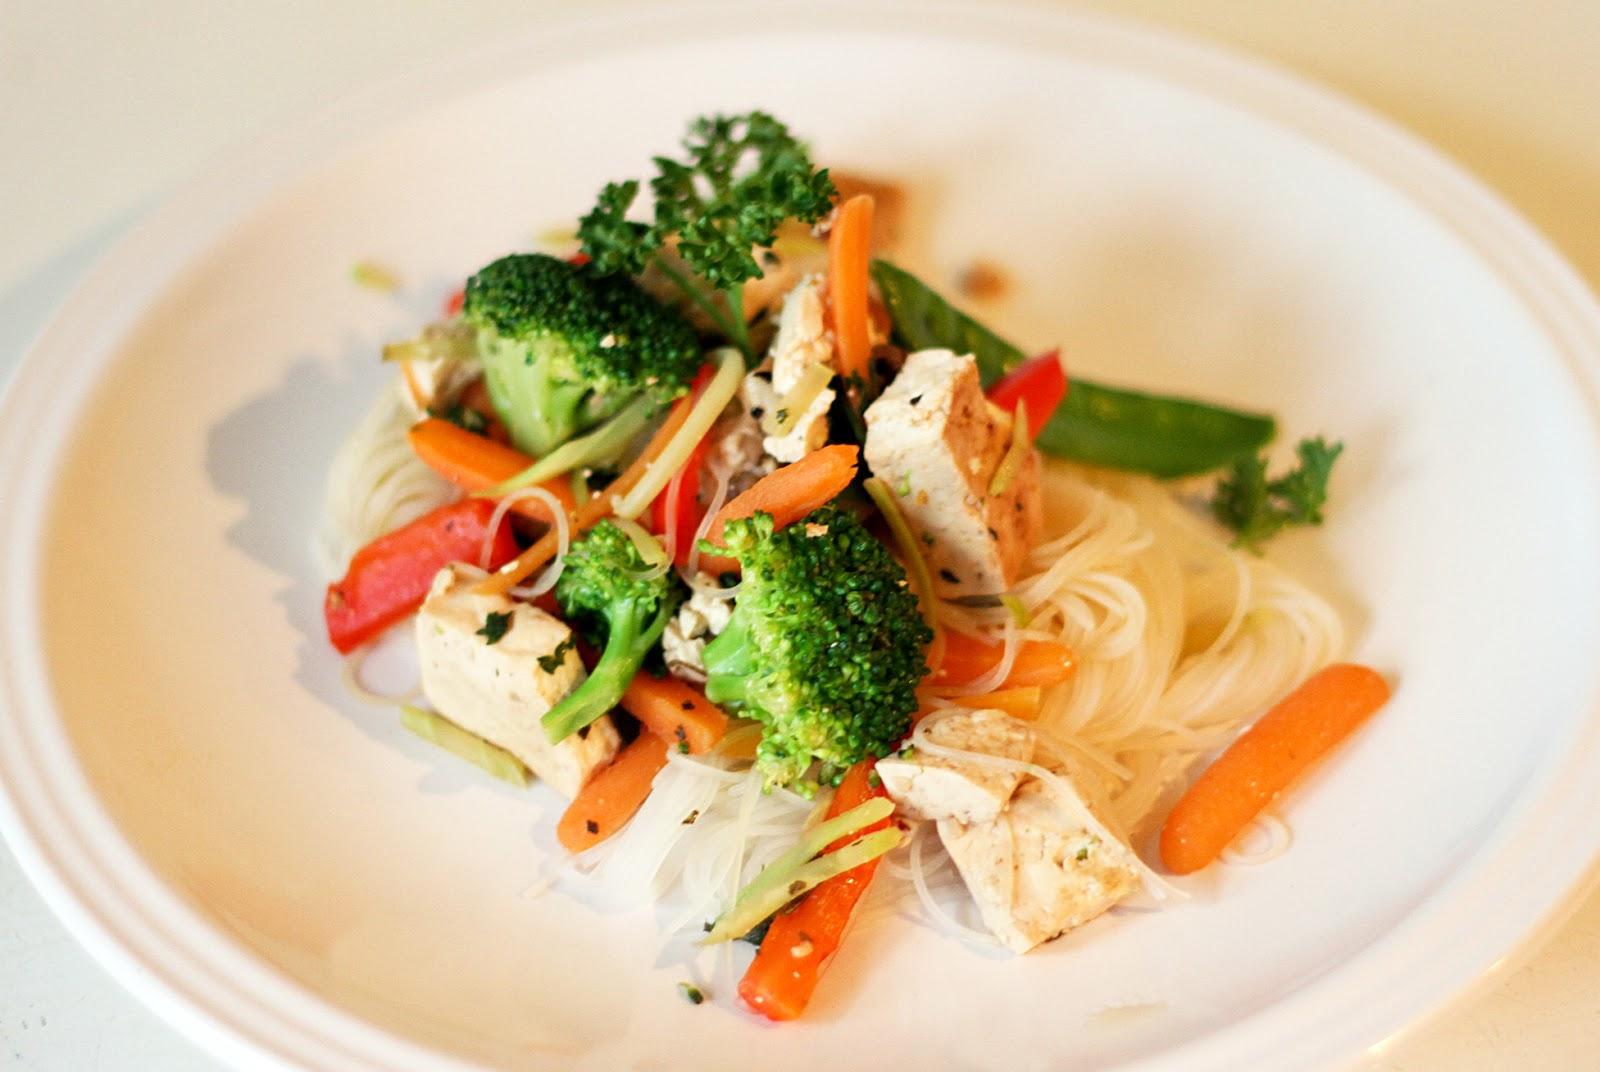 Veggie Tofu Stir Fry by Kaleb - Brewed Together